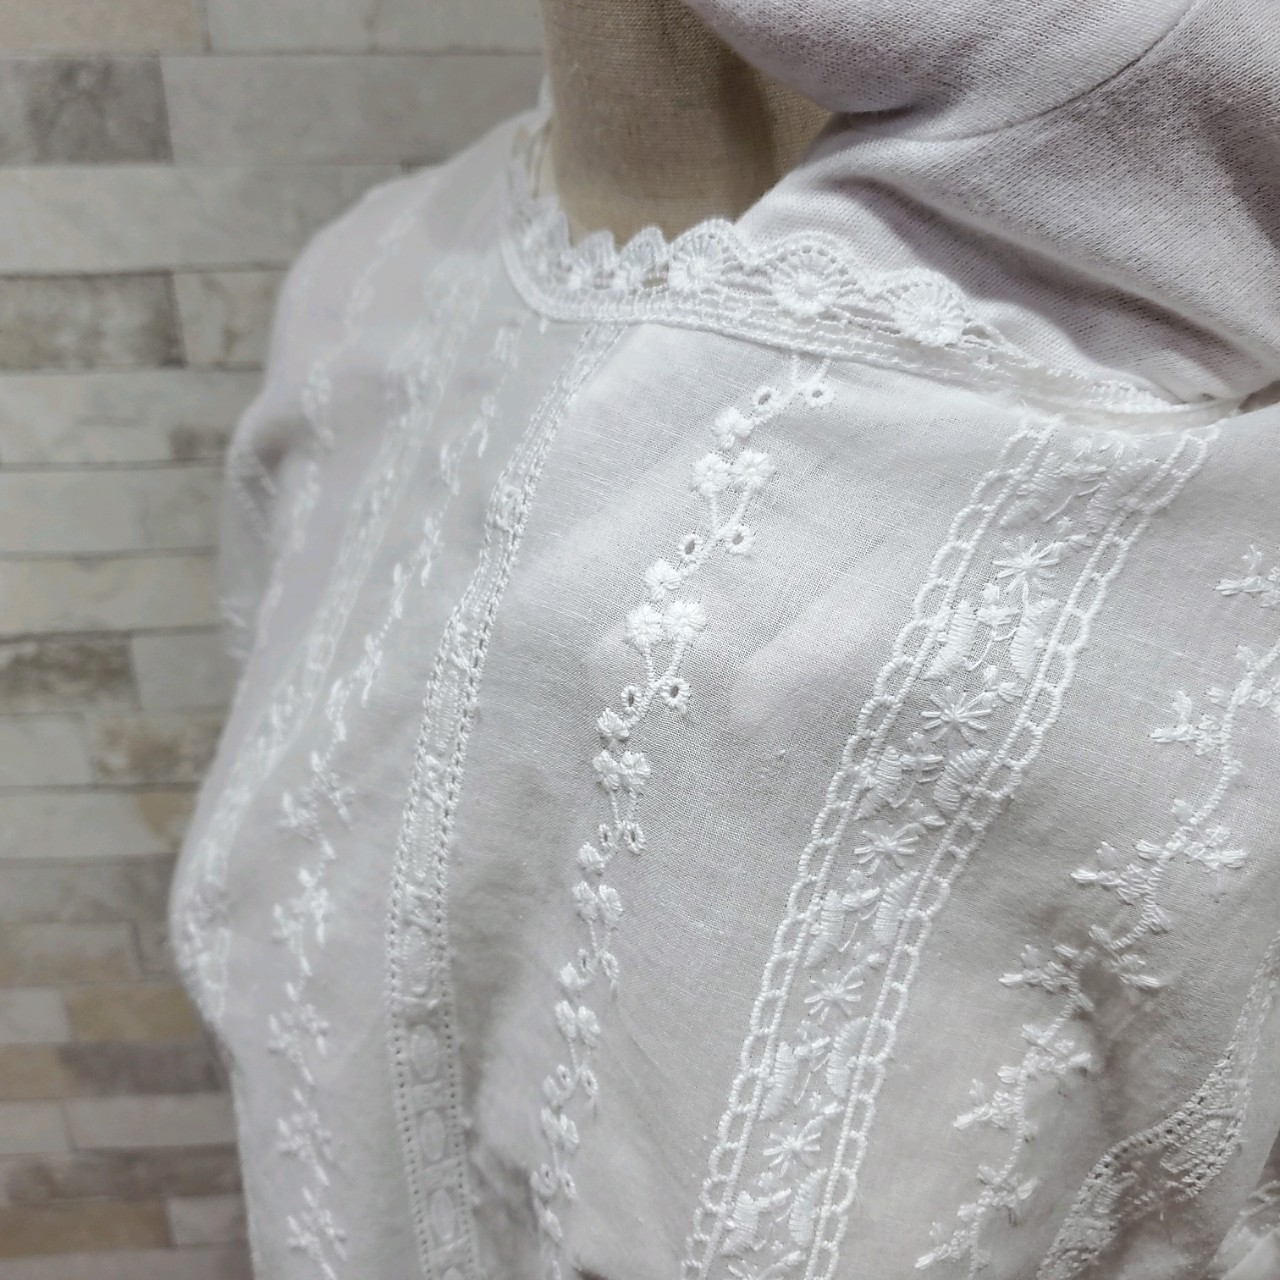 韓国 ファッション トップス ブラウス シャツ 春 夏 カジュアル PTXH429  刺繍 パンチングレース ガーリー プルオーバー オルチャン シンプル 定番 セレカジの写真14枚目